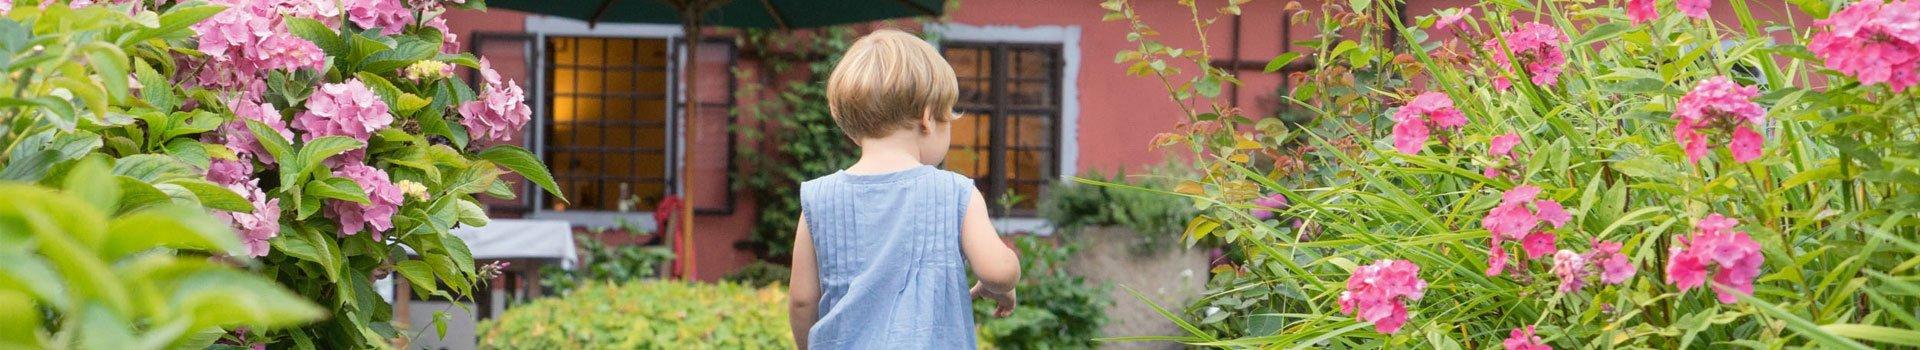 Plan And Design A Family Garden